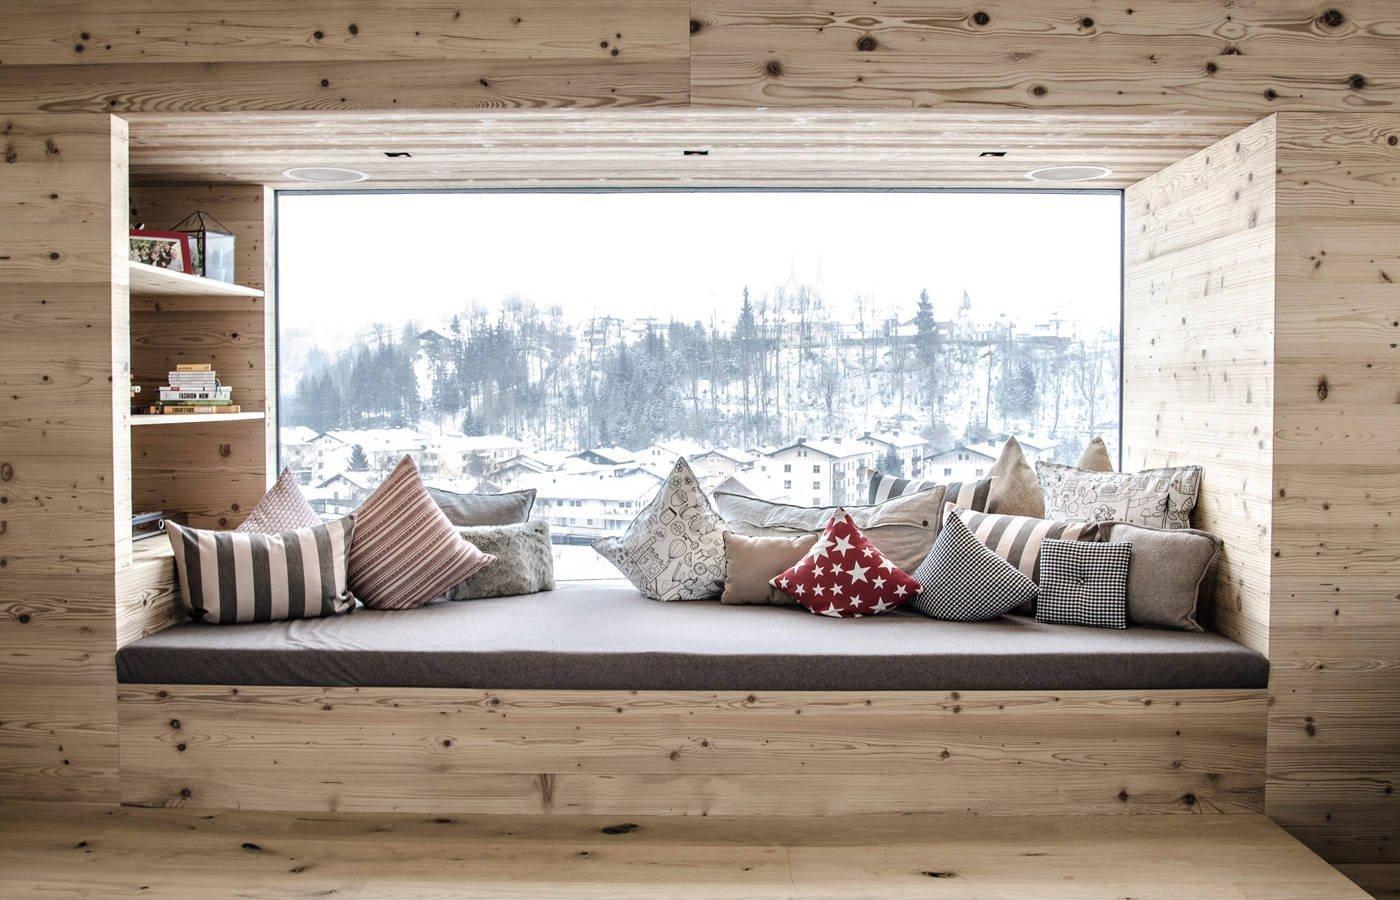 Staré dřevo s působivou patinou se směle zabydluje nejen v rustikálně vyvedených interiérech, ale začíná už dobývat i ty moderní, u kterých by vás užití dřeva s výraznými suky ani nenapadlo. Čím to je? Vracíme se ke kořenům a chceme mít doma alespoň letmý dotek živoucí přírody?